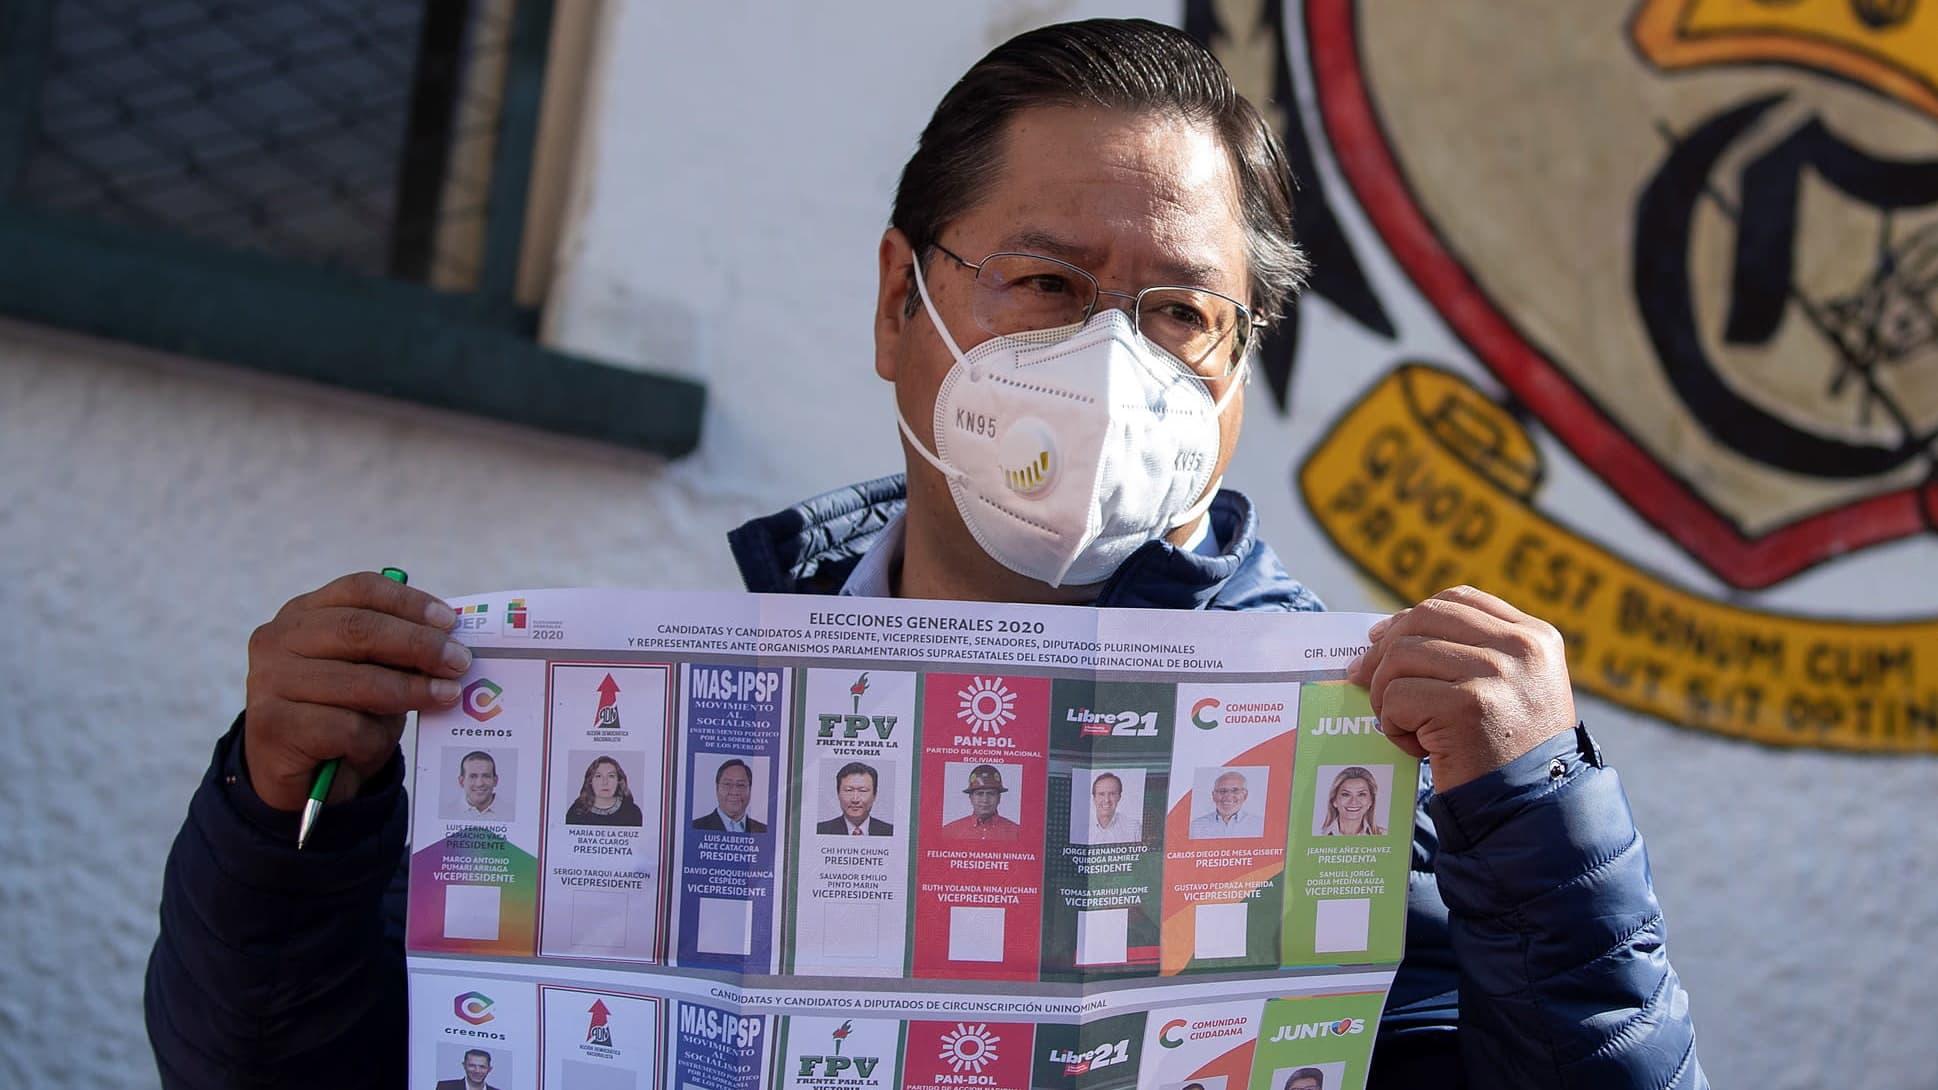 Bolivian vaalit voittanut Luis Arce esittelee äänestyslehtistä